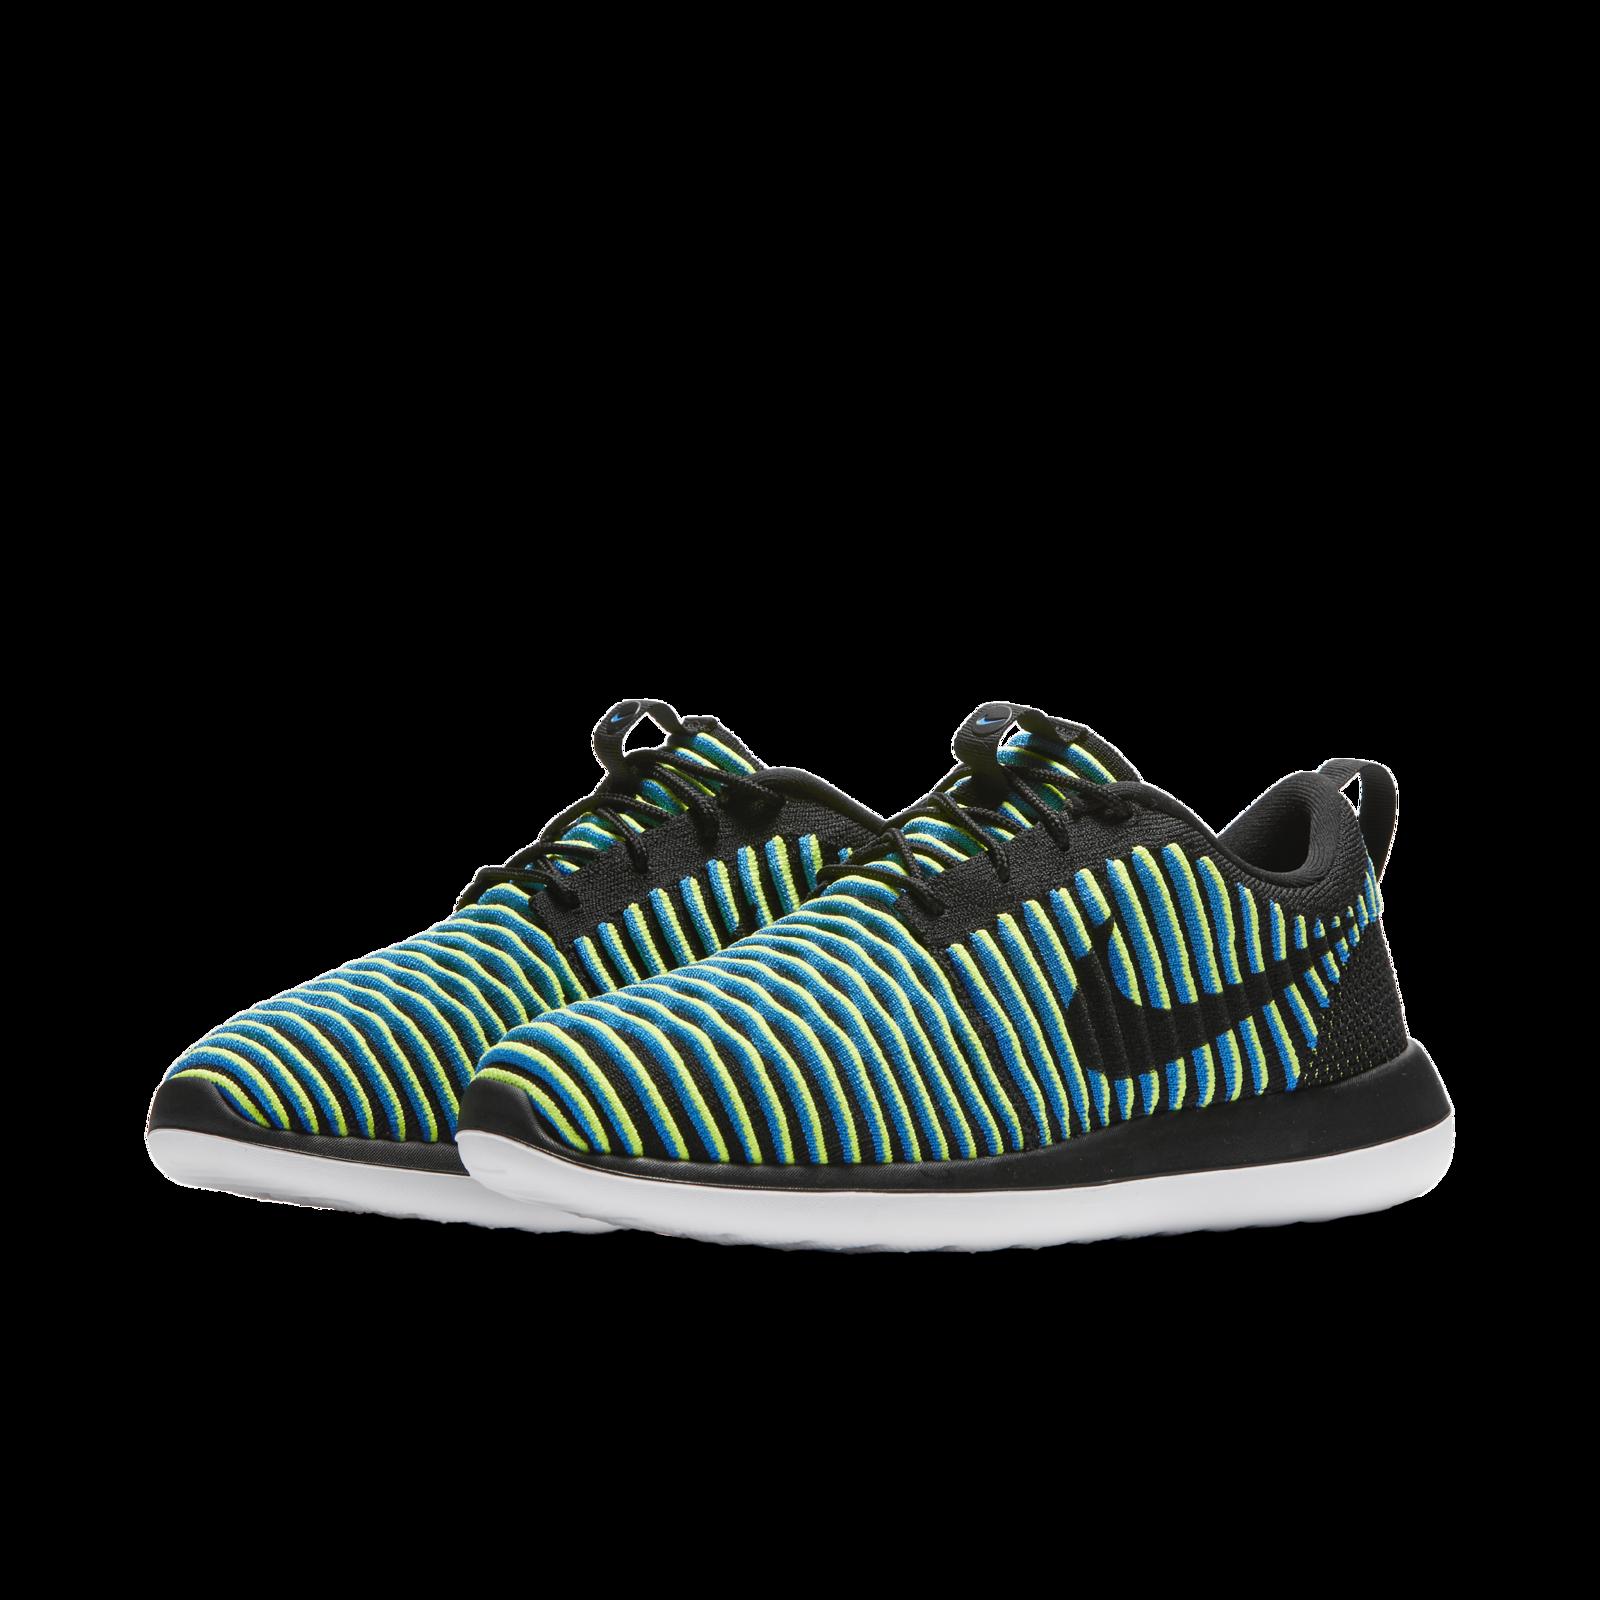 Mens Shoes 1st September Nike Sportswear Roshe Two Black